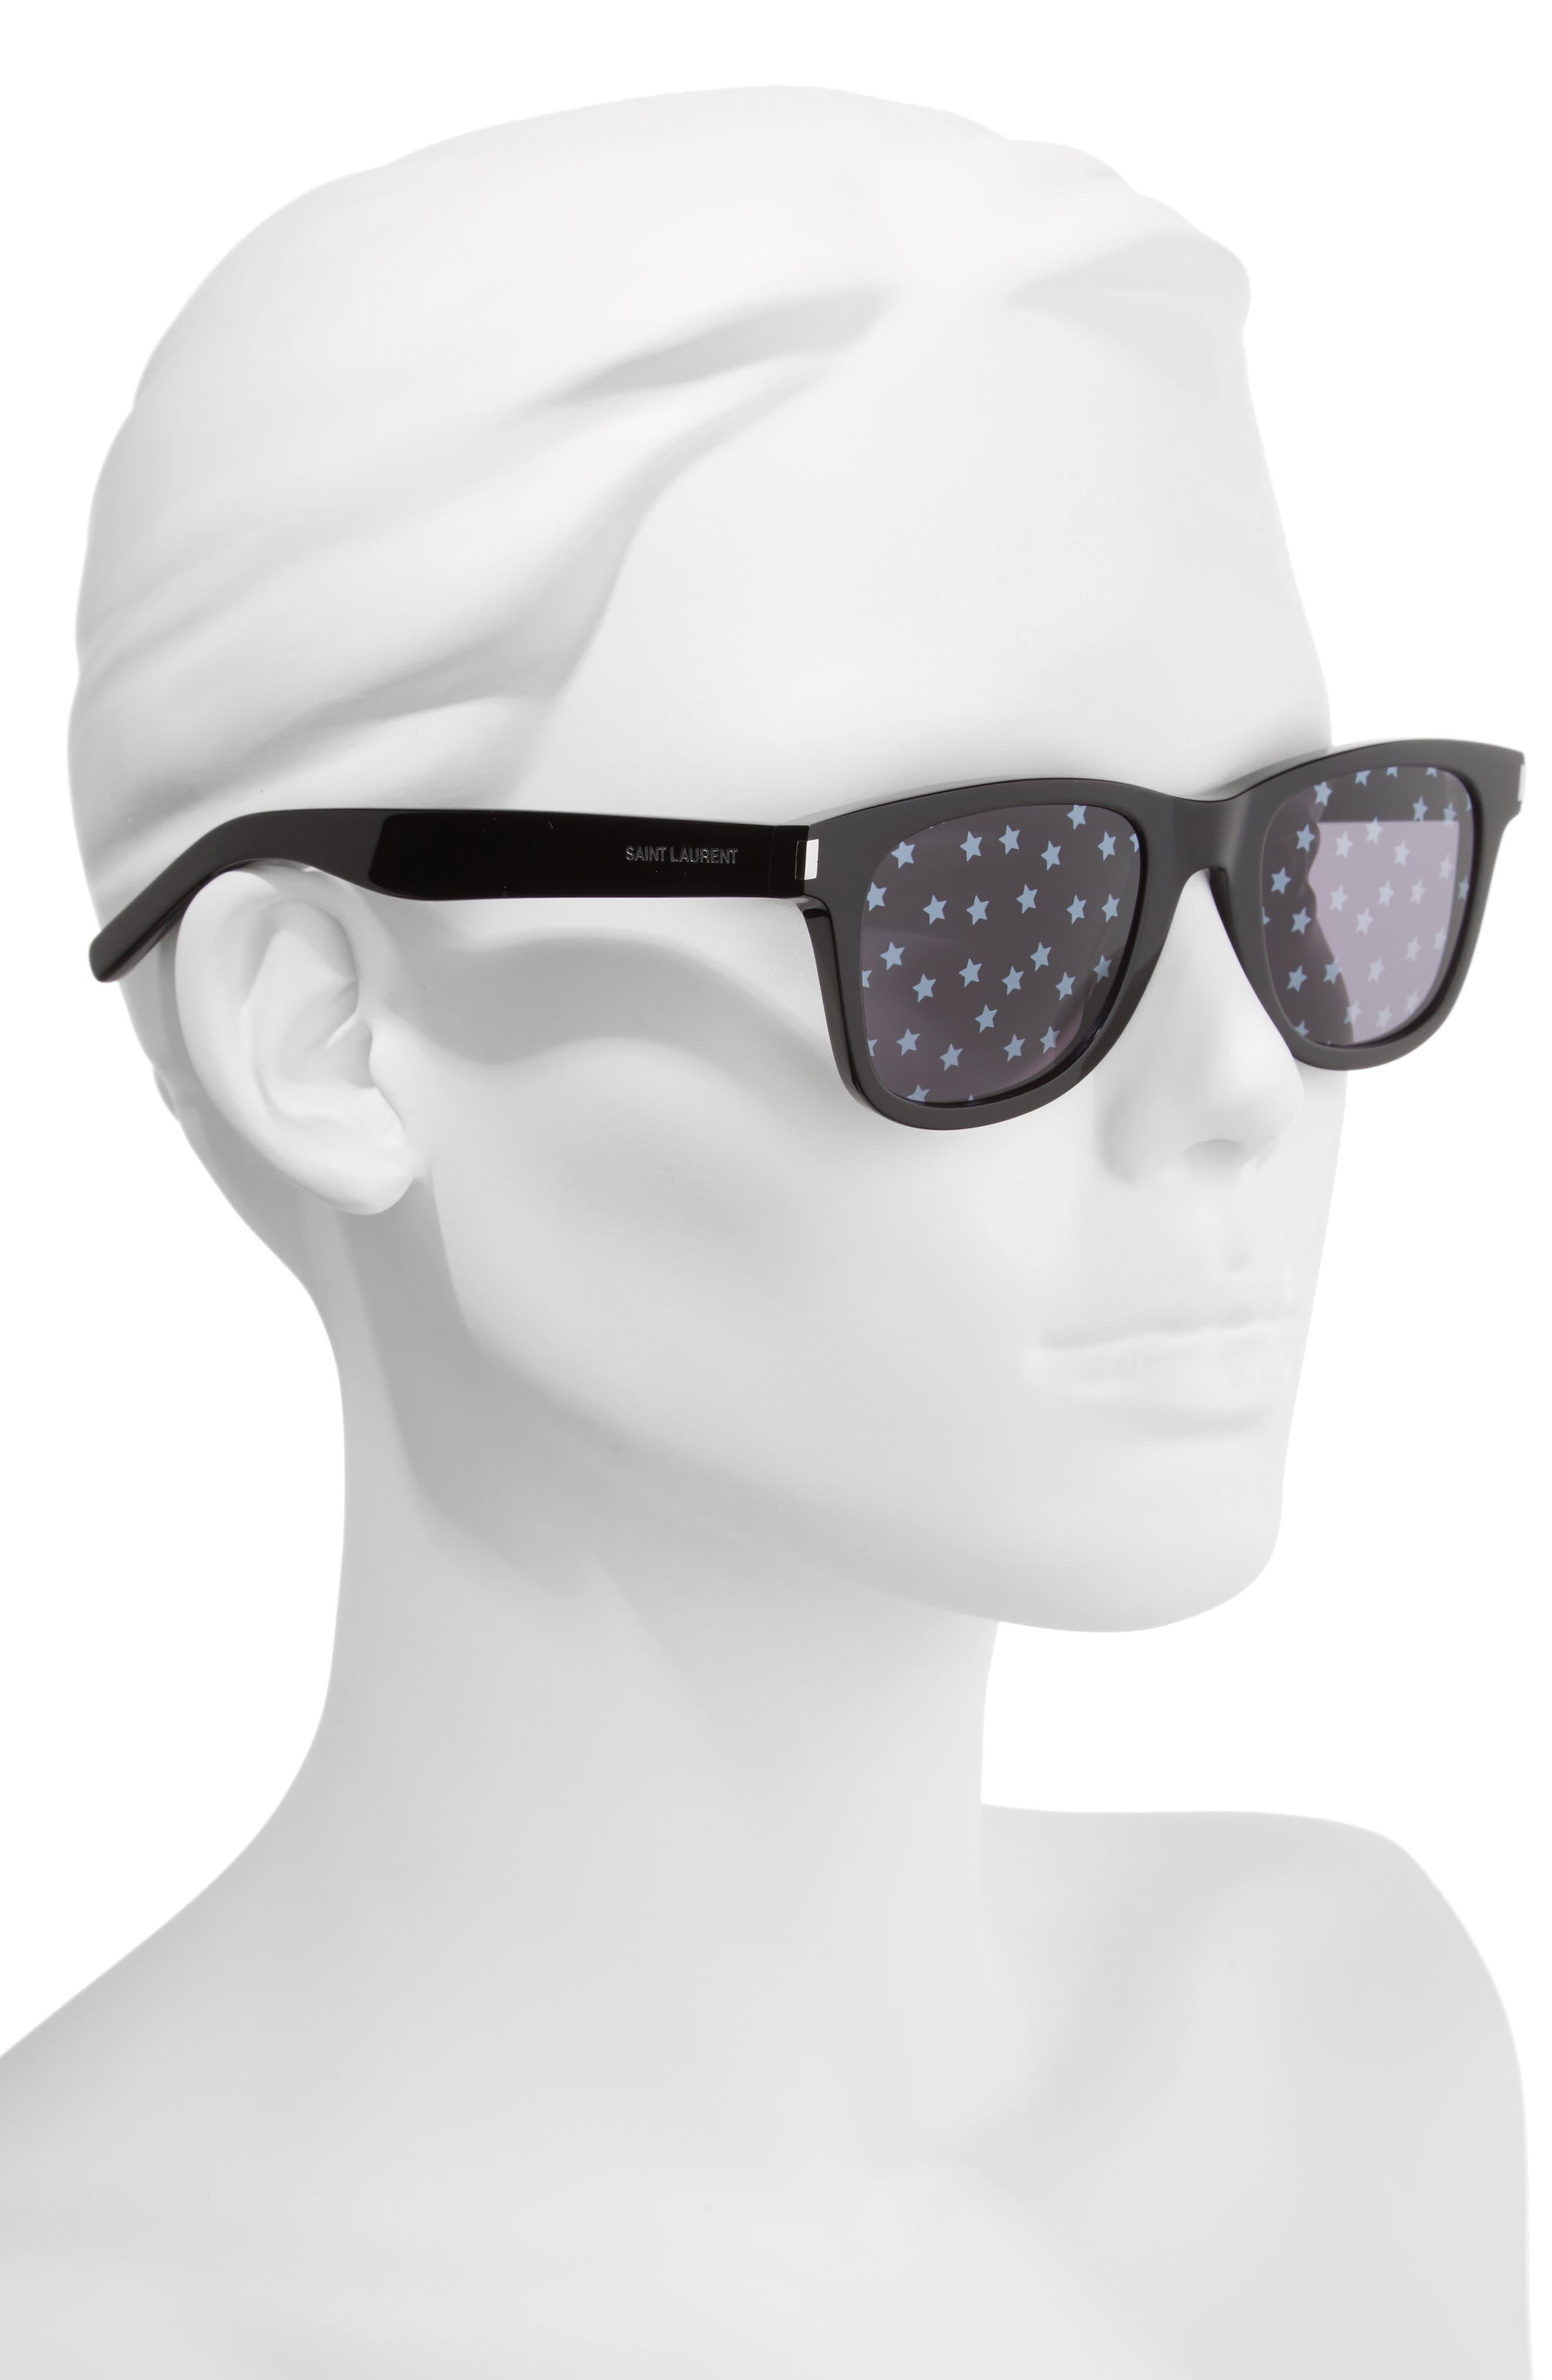 SL51 50mm Sunglasses,                             Alternate thumbnail 2, color,                             Black/ Black